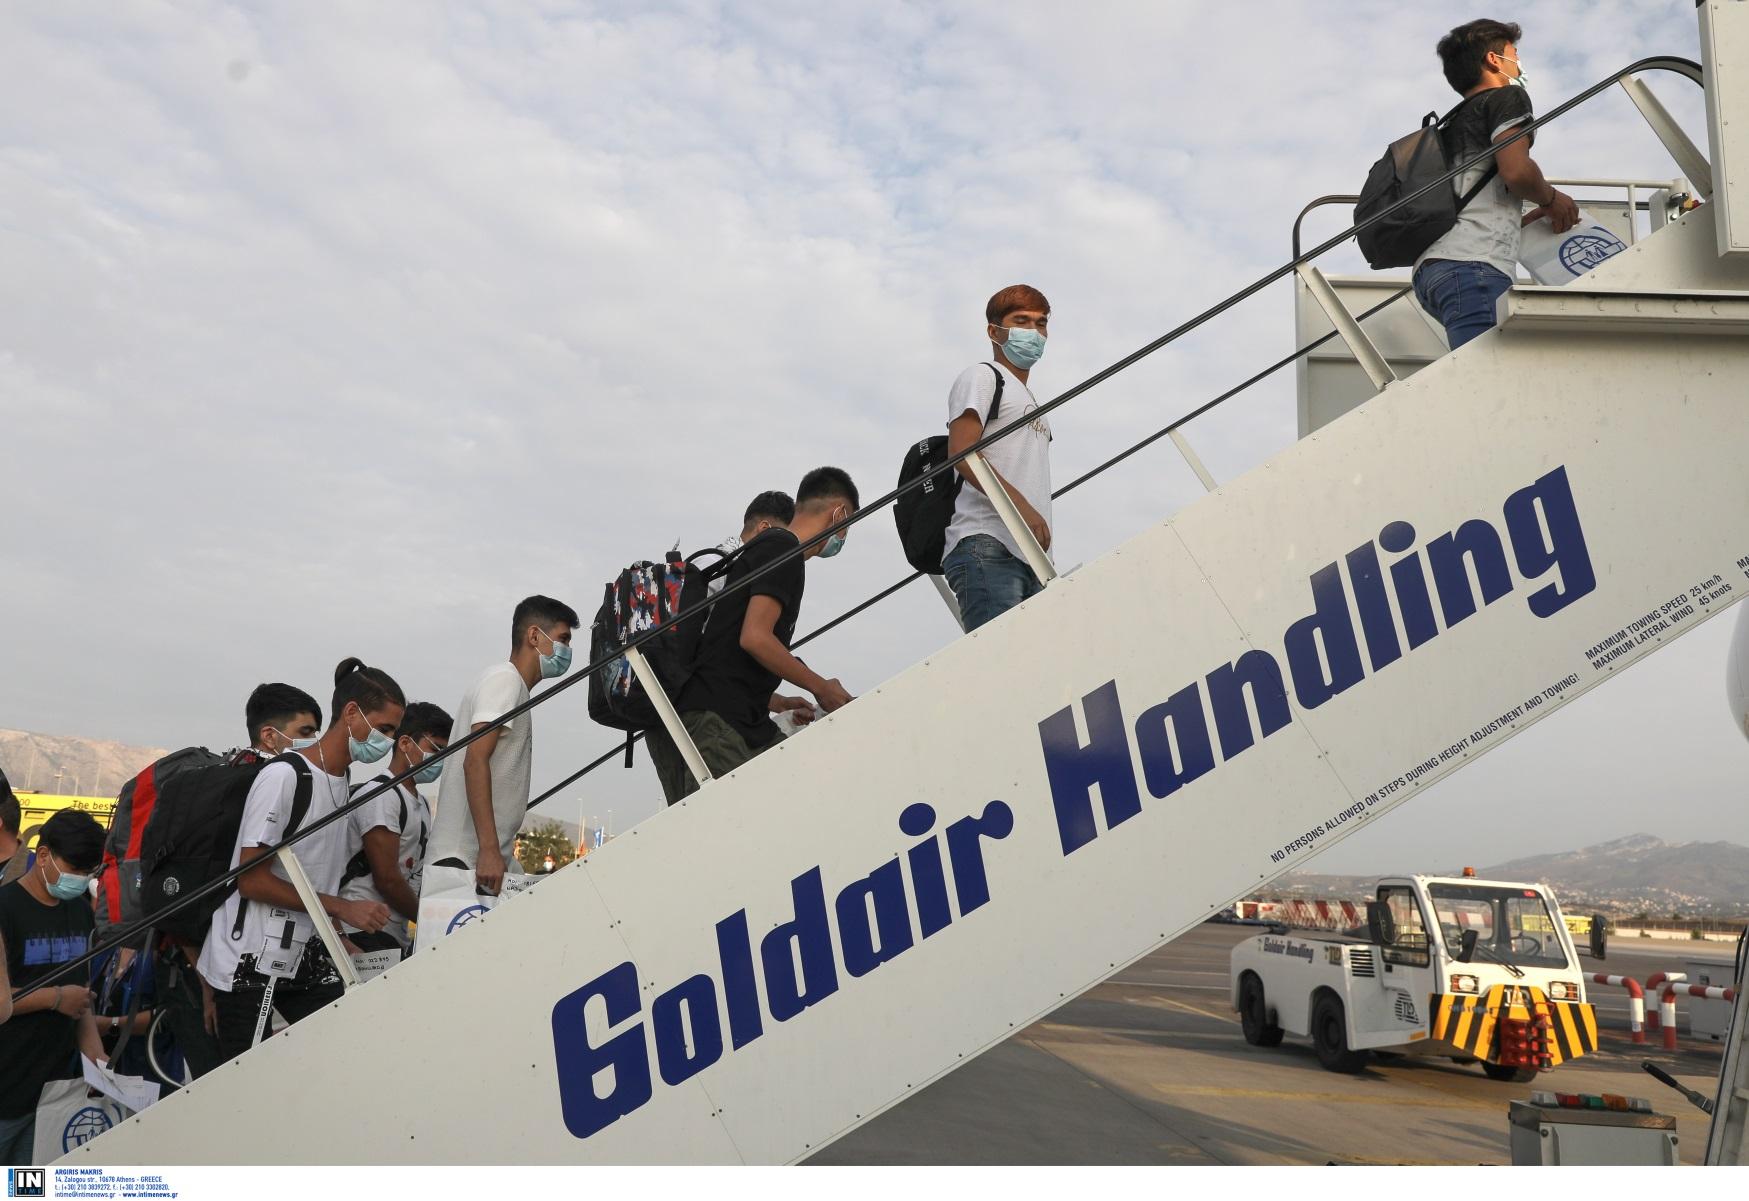 Προσφυγικό: 41 Αφγανοί πέταξαν από Ελλάδα για Πορτογαλία – Συνολικά θα αναχωρήσουν 1.000